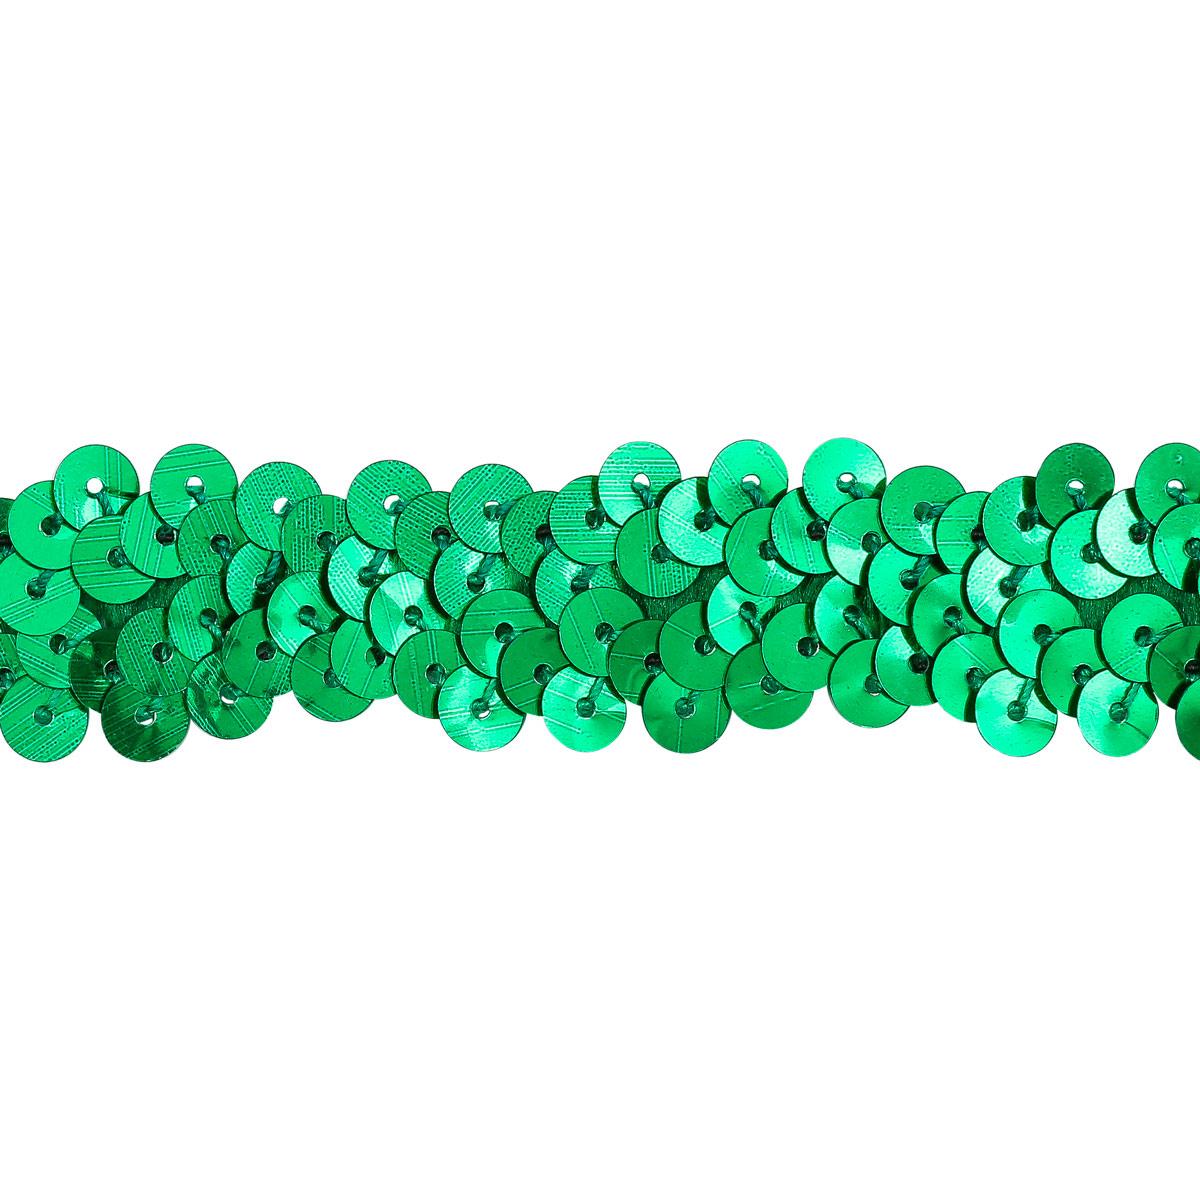 1AS-254 Тесьма эластичная с пайетками 18мм*10м (зеленый) фото